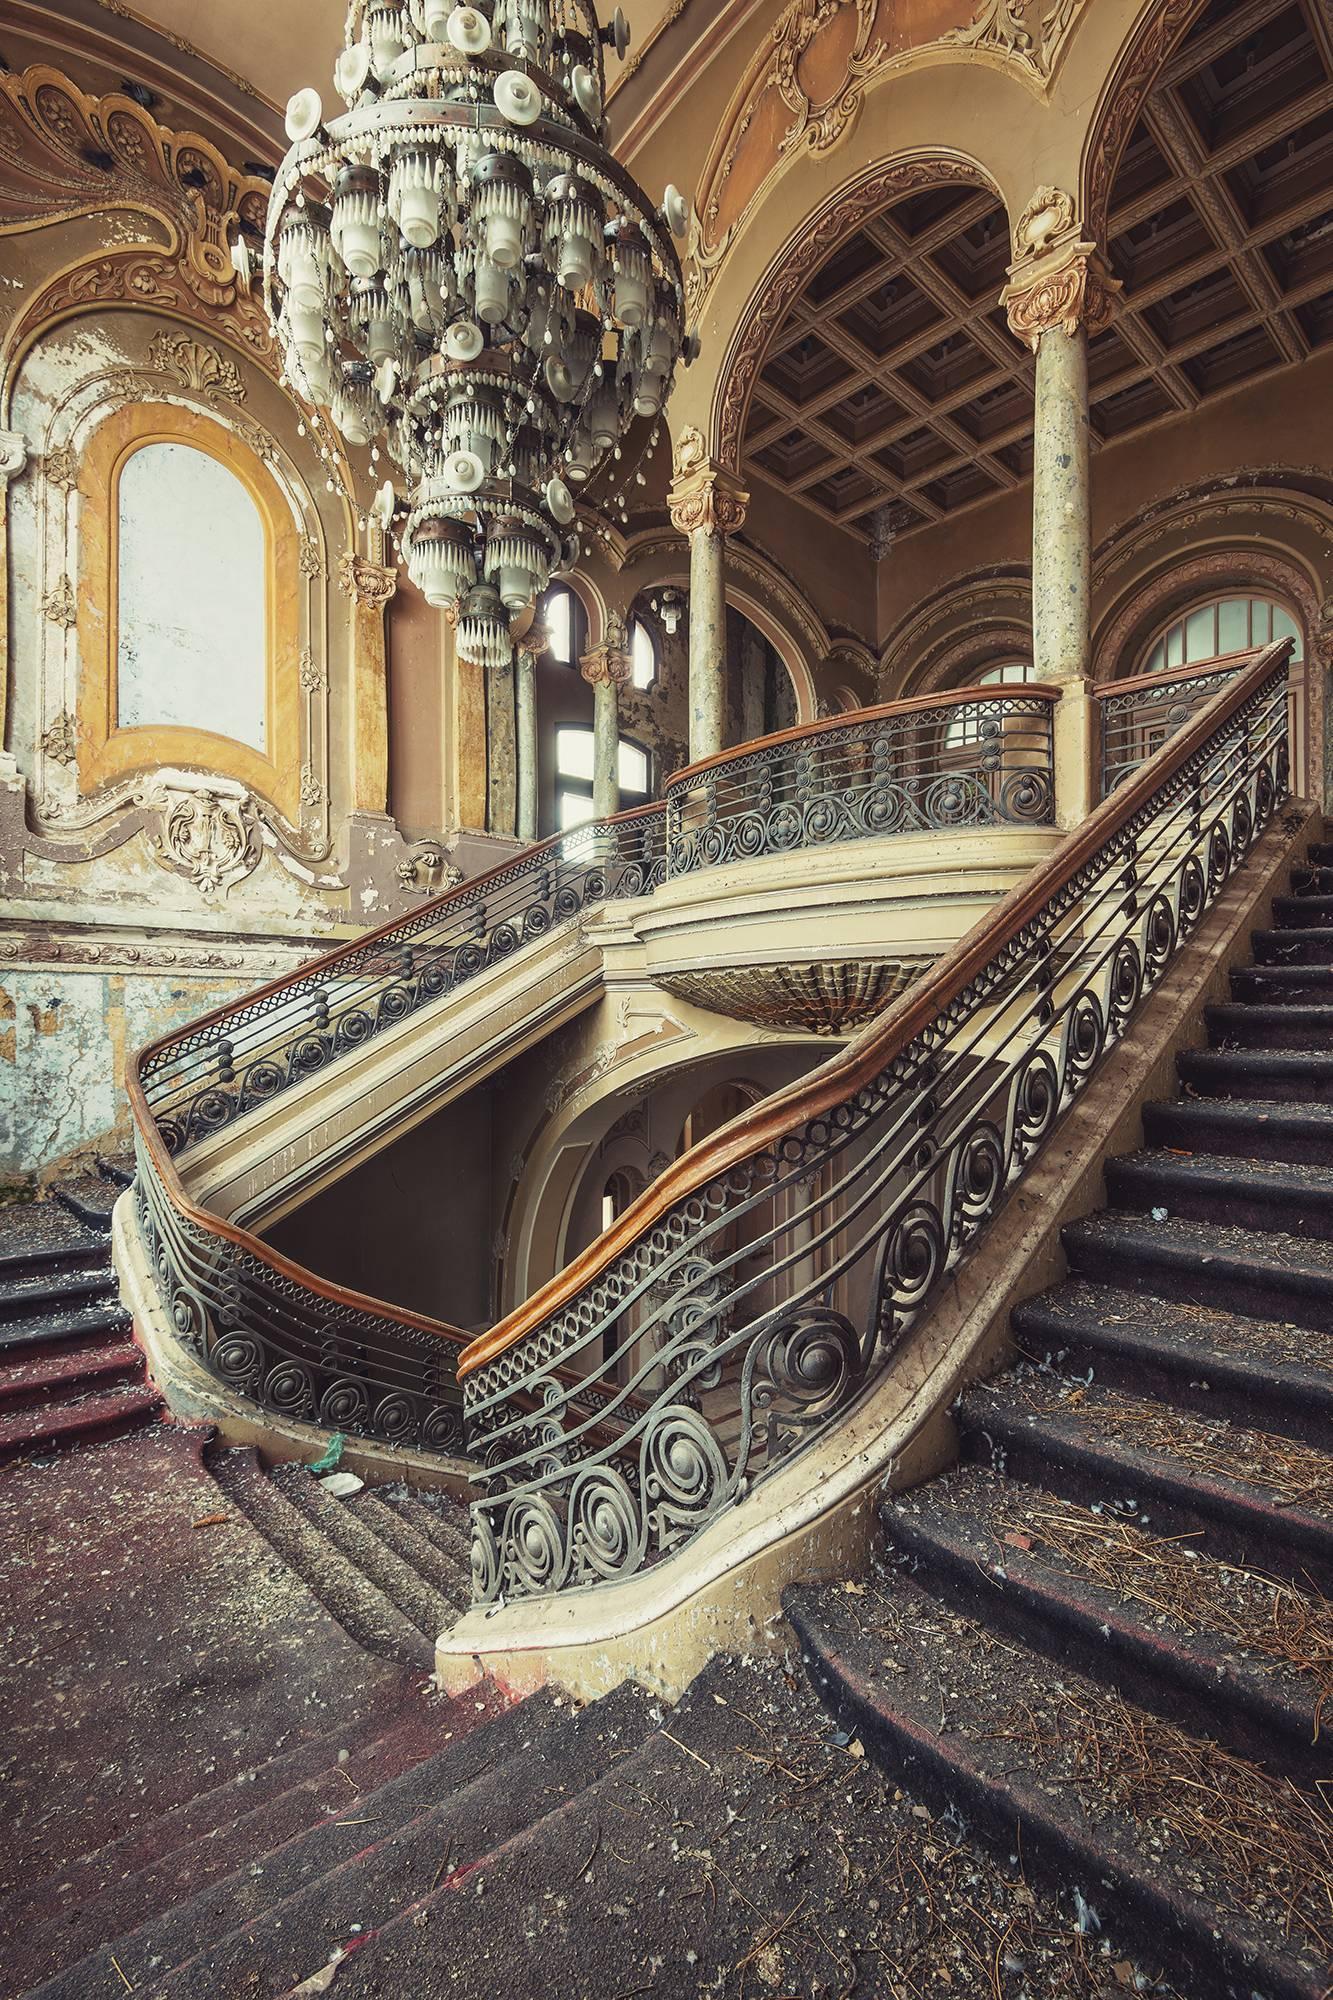 Grand Nouveau, Incremento series (Interior of abandoned Art Nouveau building)